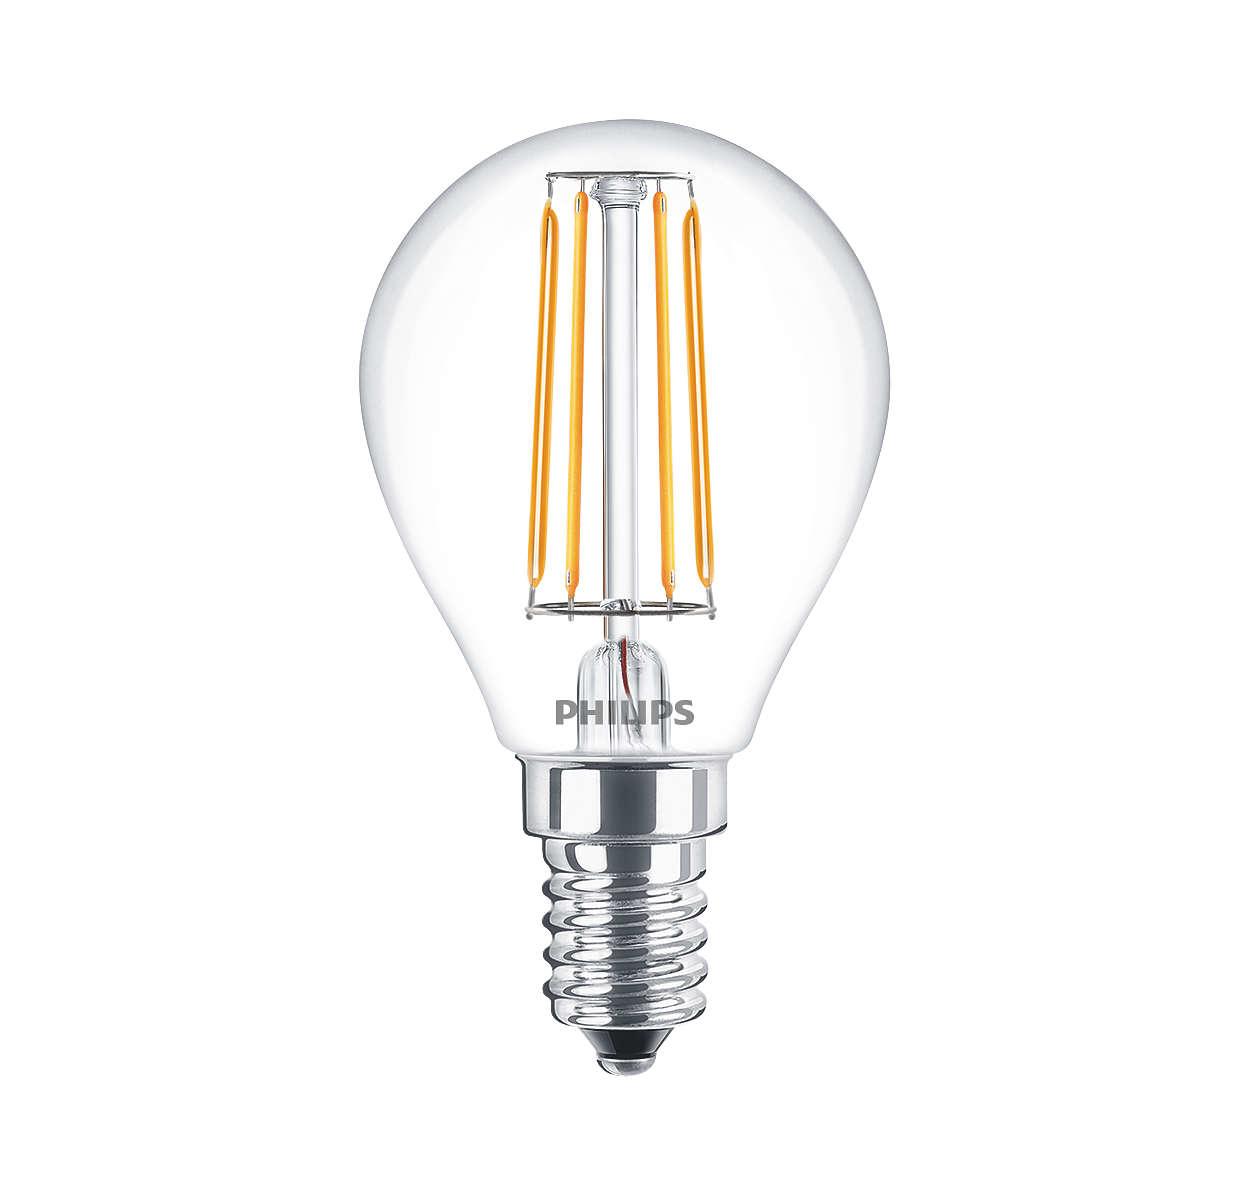 Philips - Lampadina a LED - Philedlus40e14